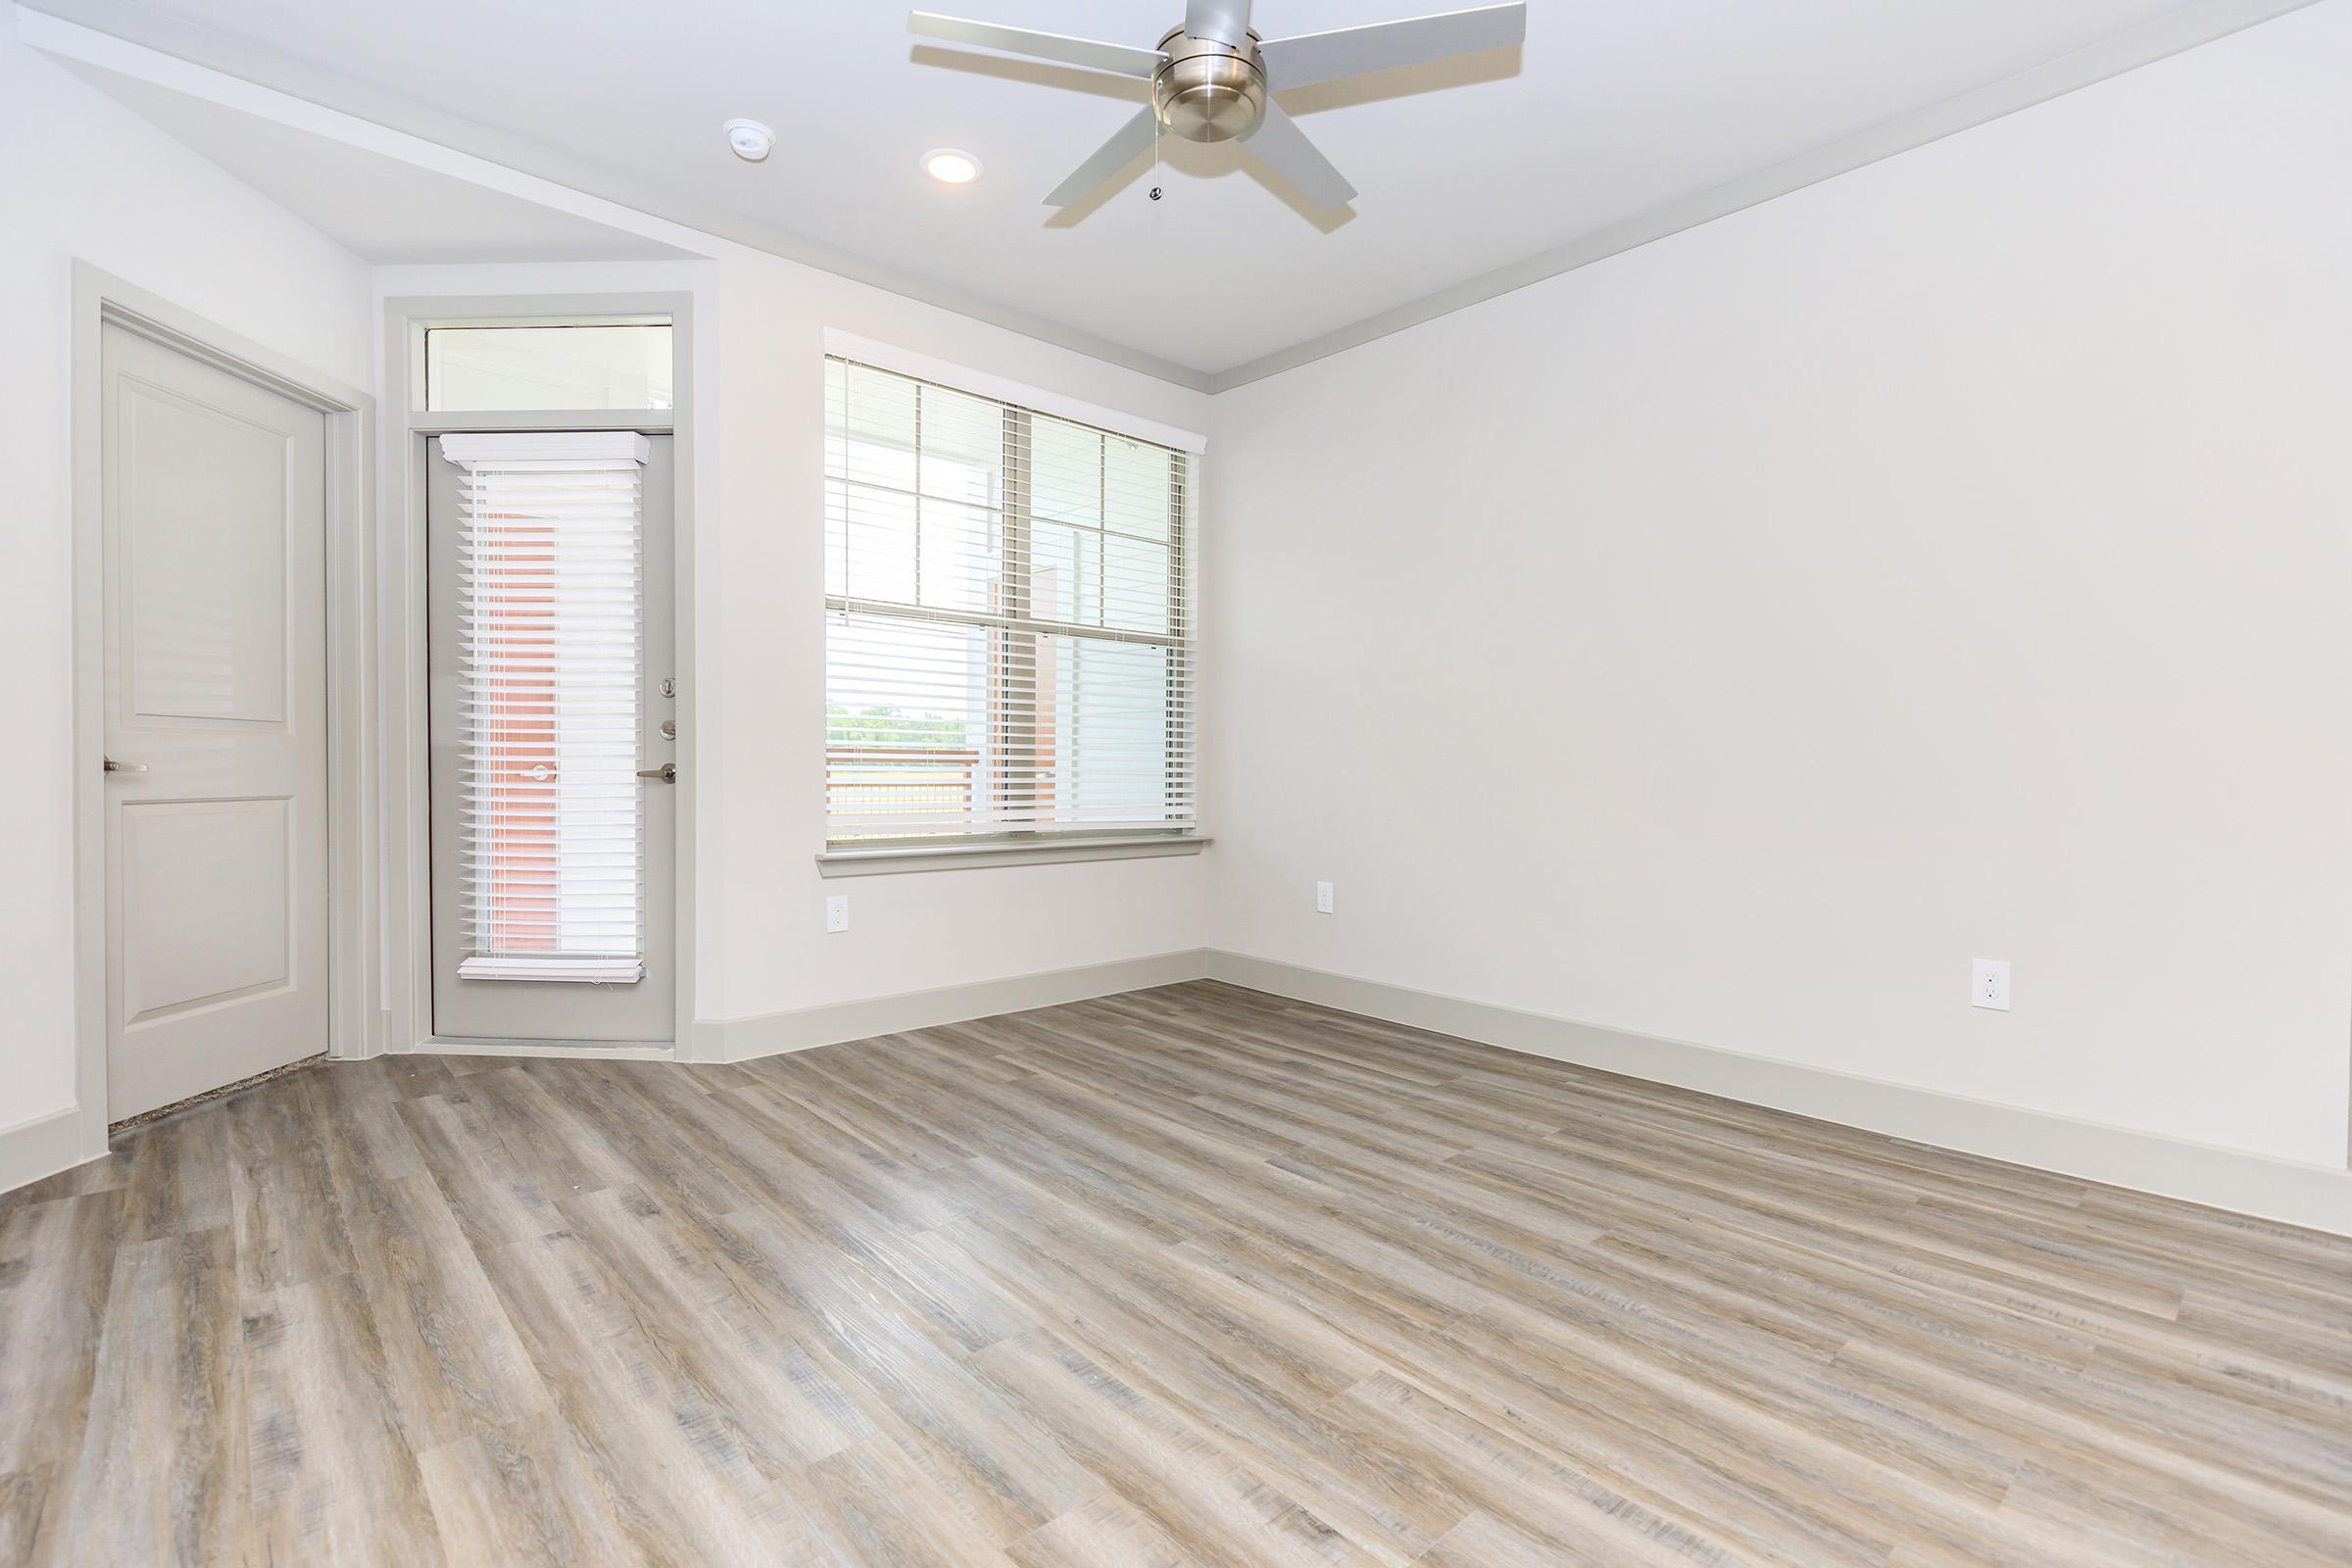 Stunning flooring at Ariza Gosling in Spring, Texas